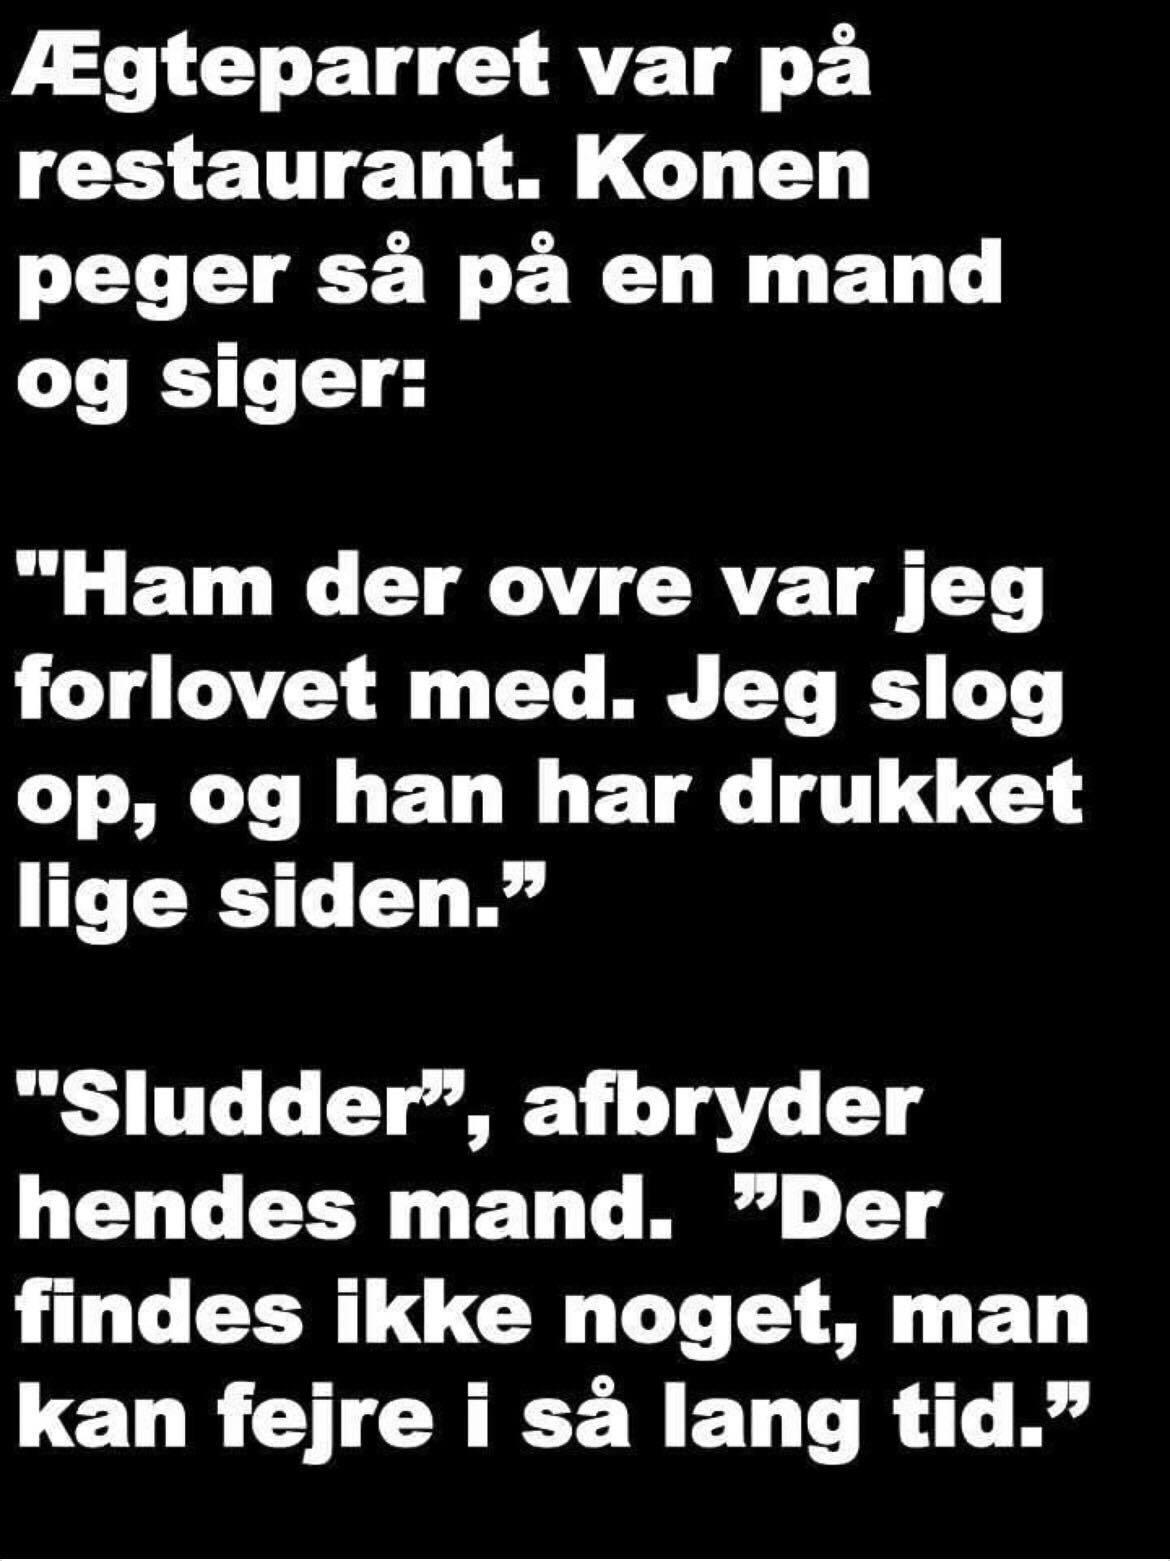 lange kærligheds citater ægteparret   Danske og engelsk citater og vittigheder finder du på  lange kærligheds citater